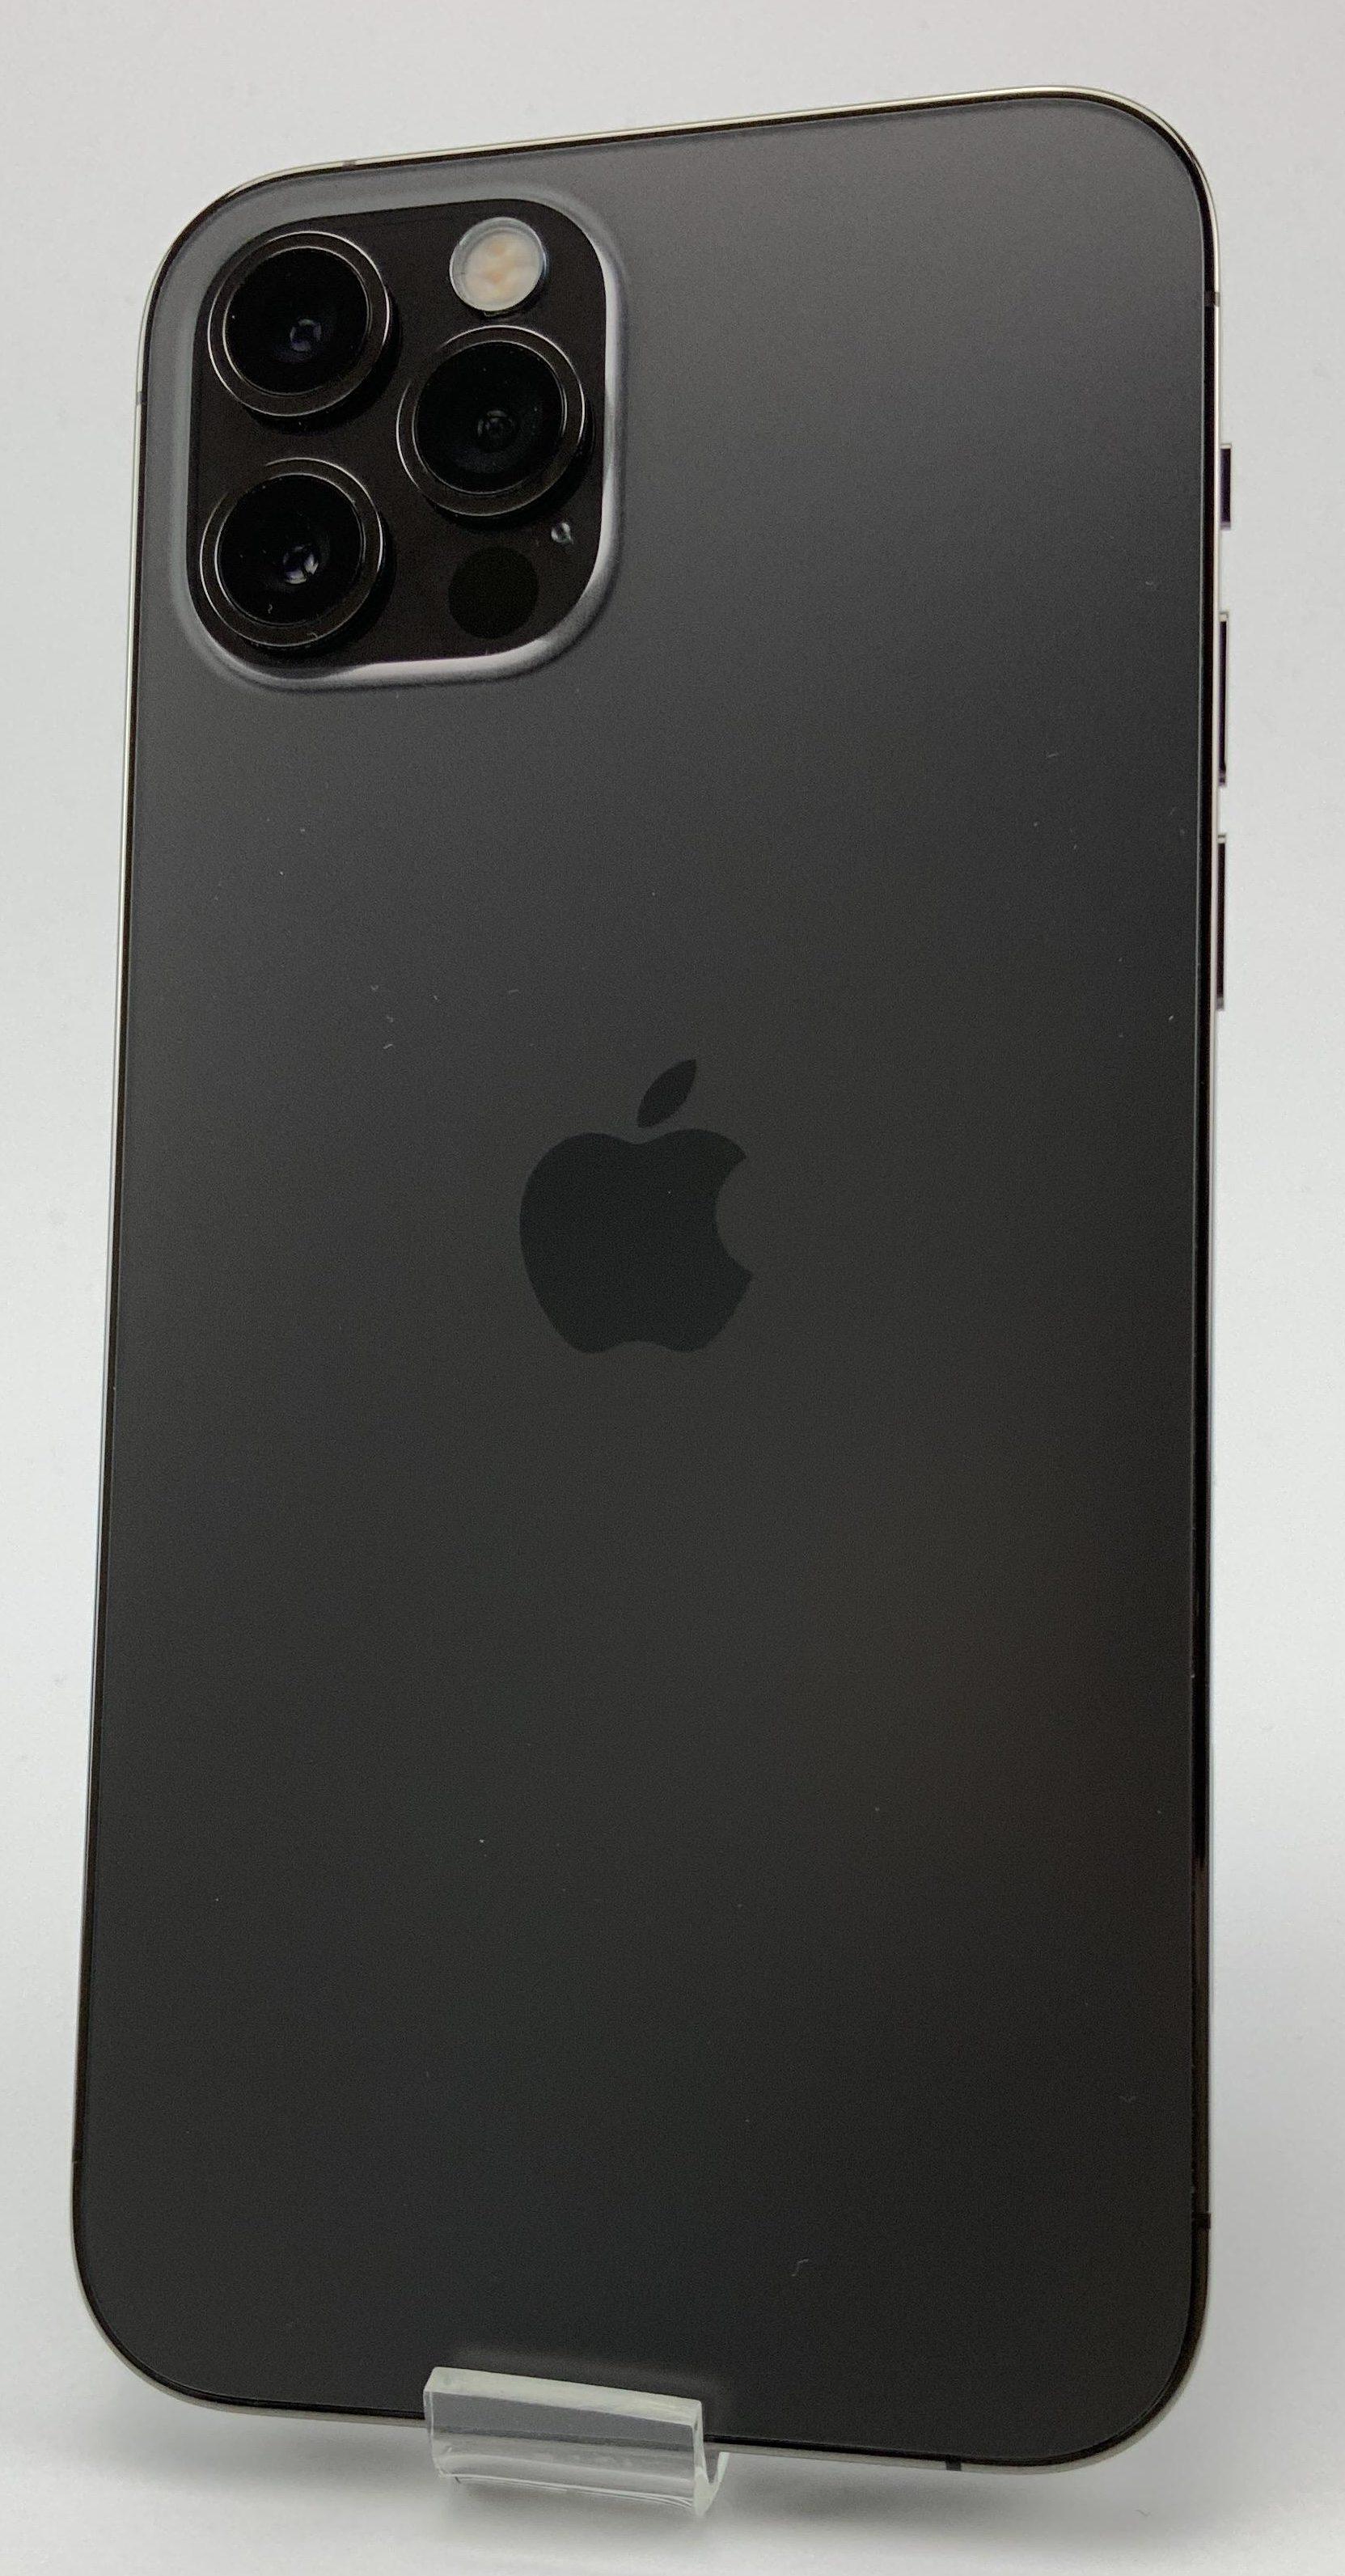 iPhone 12 Pro 256GB, 256GB, Graphite, image 2